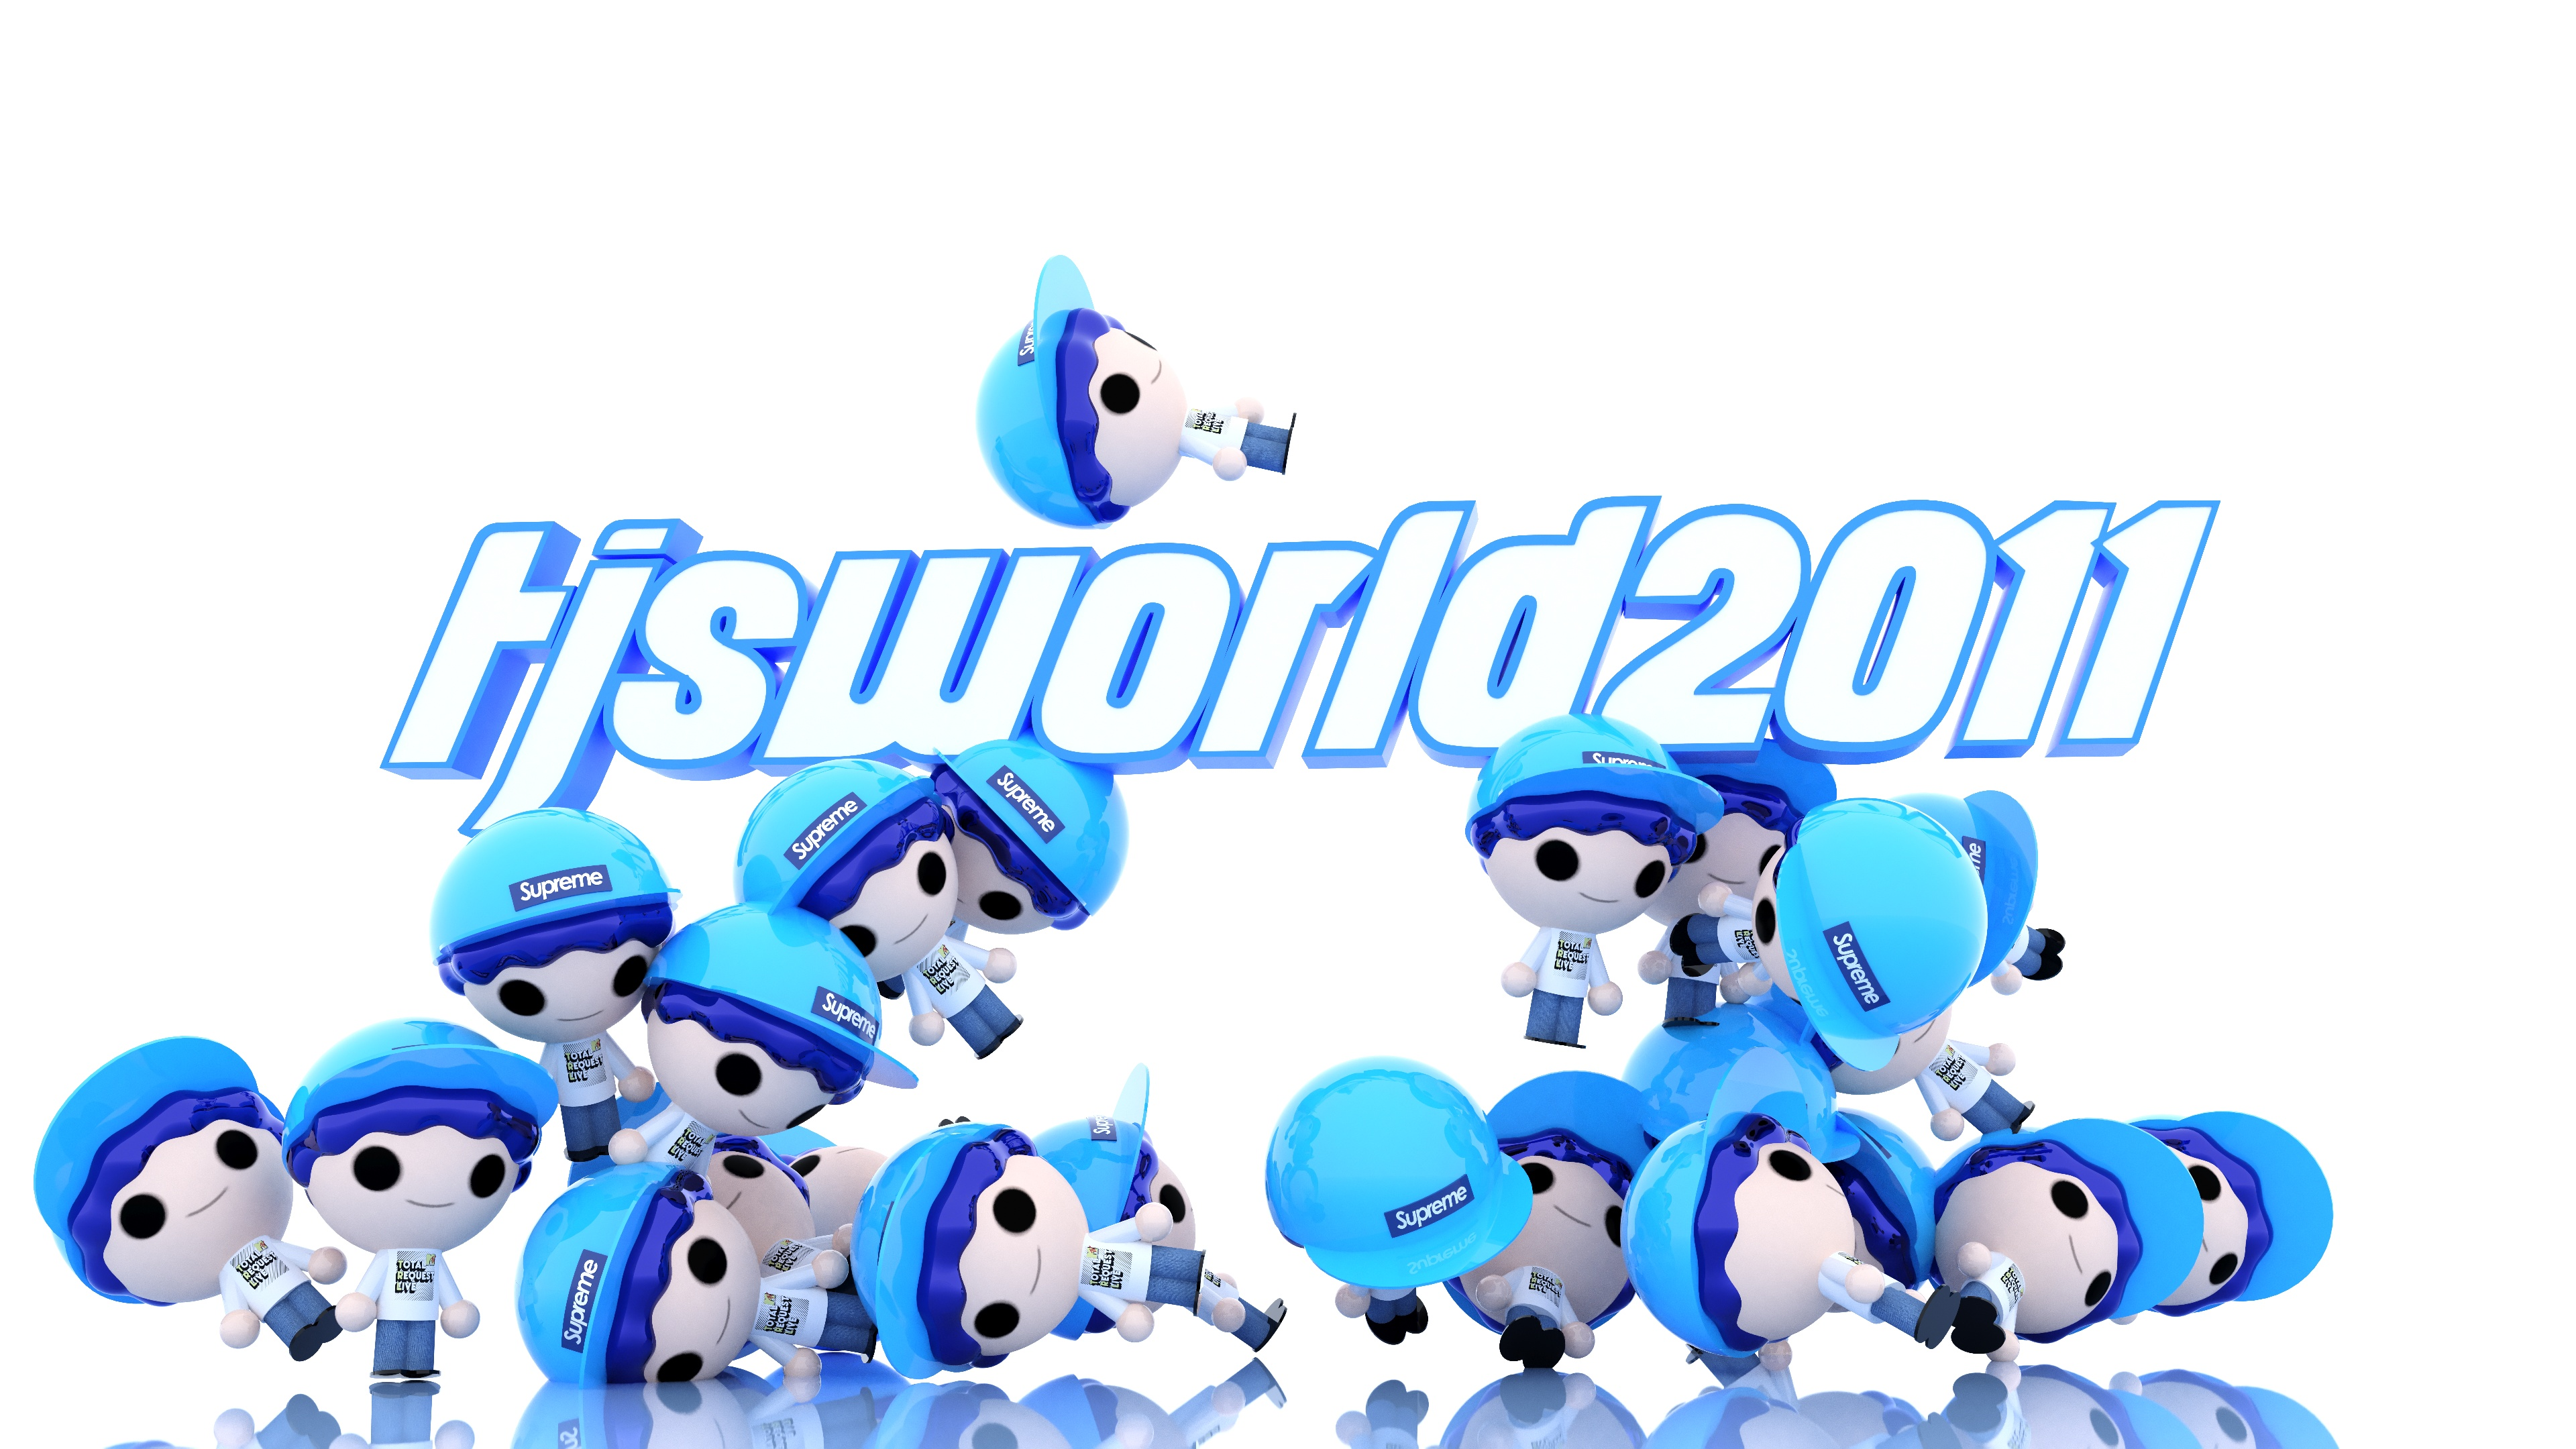 TjsWorld2011's Profile Picture